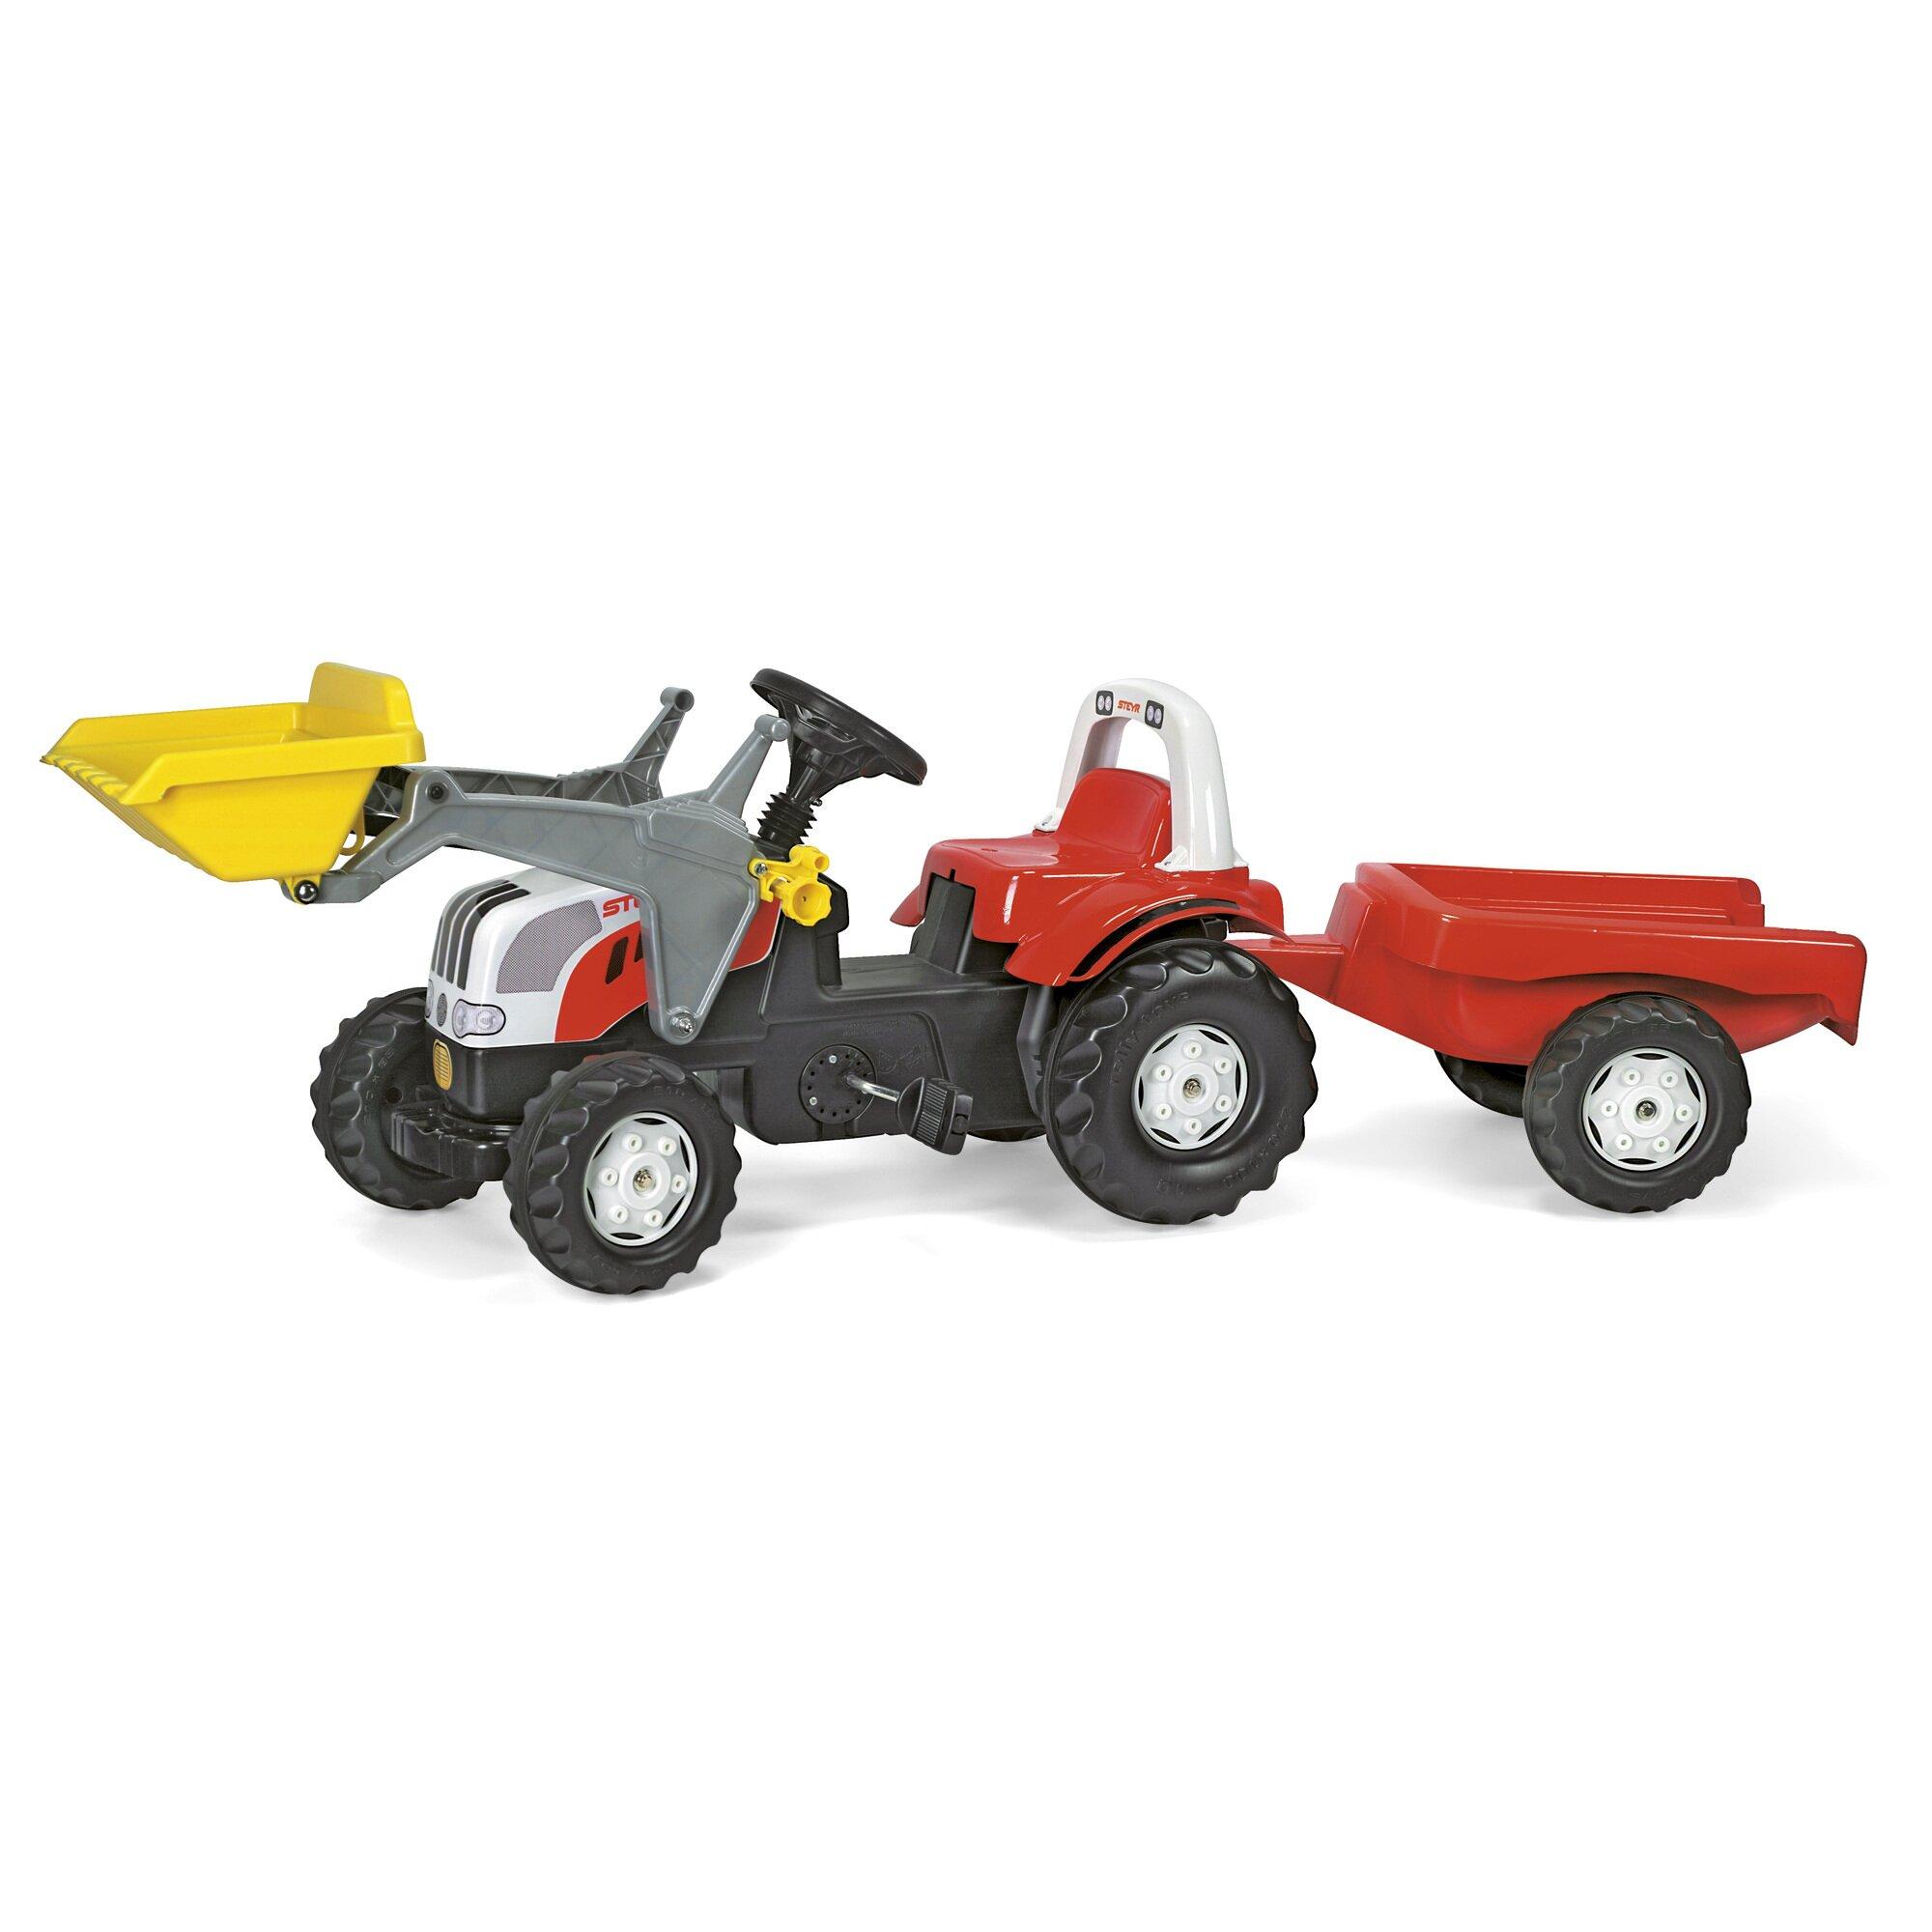 rolly-toys-trettraktor-rollykid-steyr-mit-anhanger